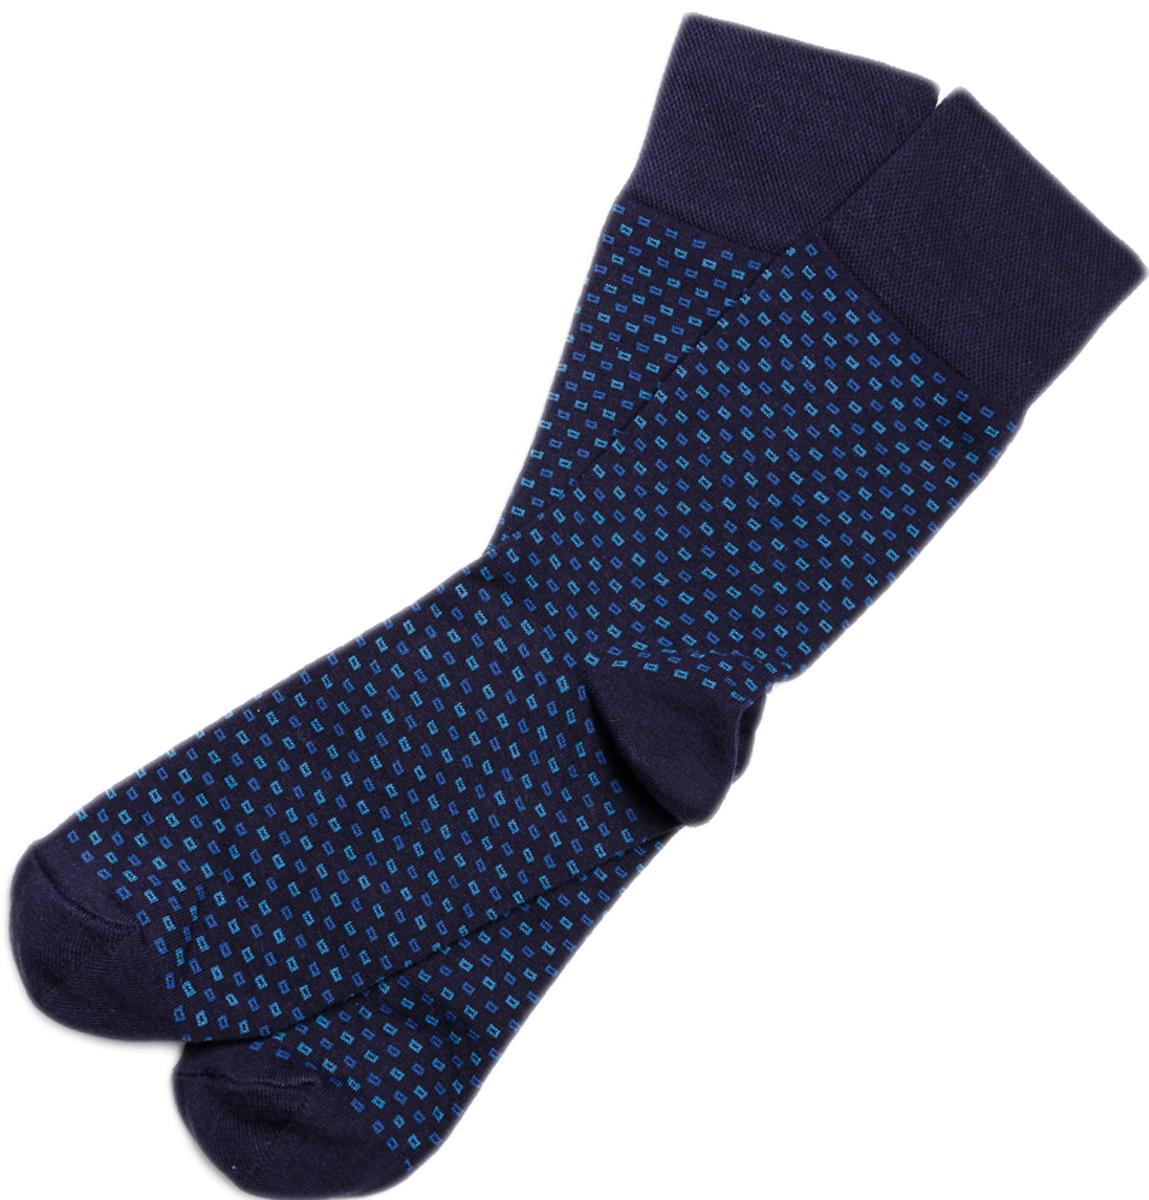 Носки мужские Mark Formelle, цвет: темно-синий. 004K-520_004K. Размер 42/43004K-520_004KУдобные носки от Mark Formelle изготовленные из высококачественного материала, очень мягкие и приятные на ощупь, позволяют коже дышать. Эластичная резинка плотно облегает ногу, не сдавливая ее, обеспечивая комфорт и удобство.